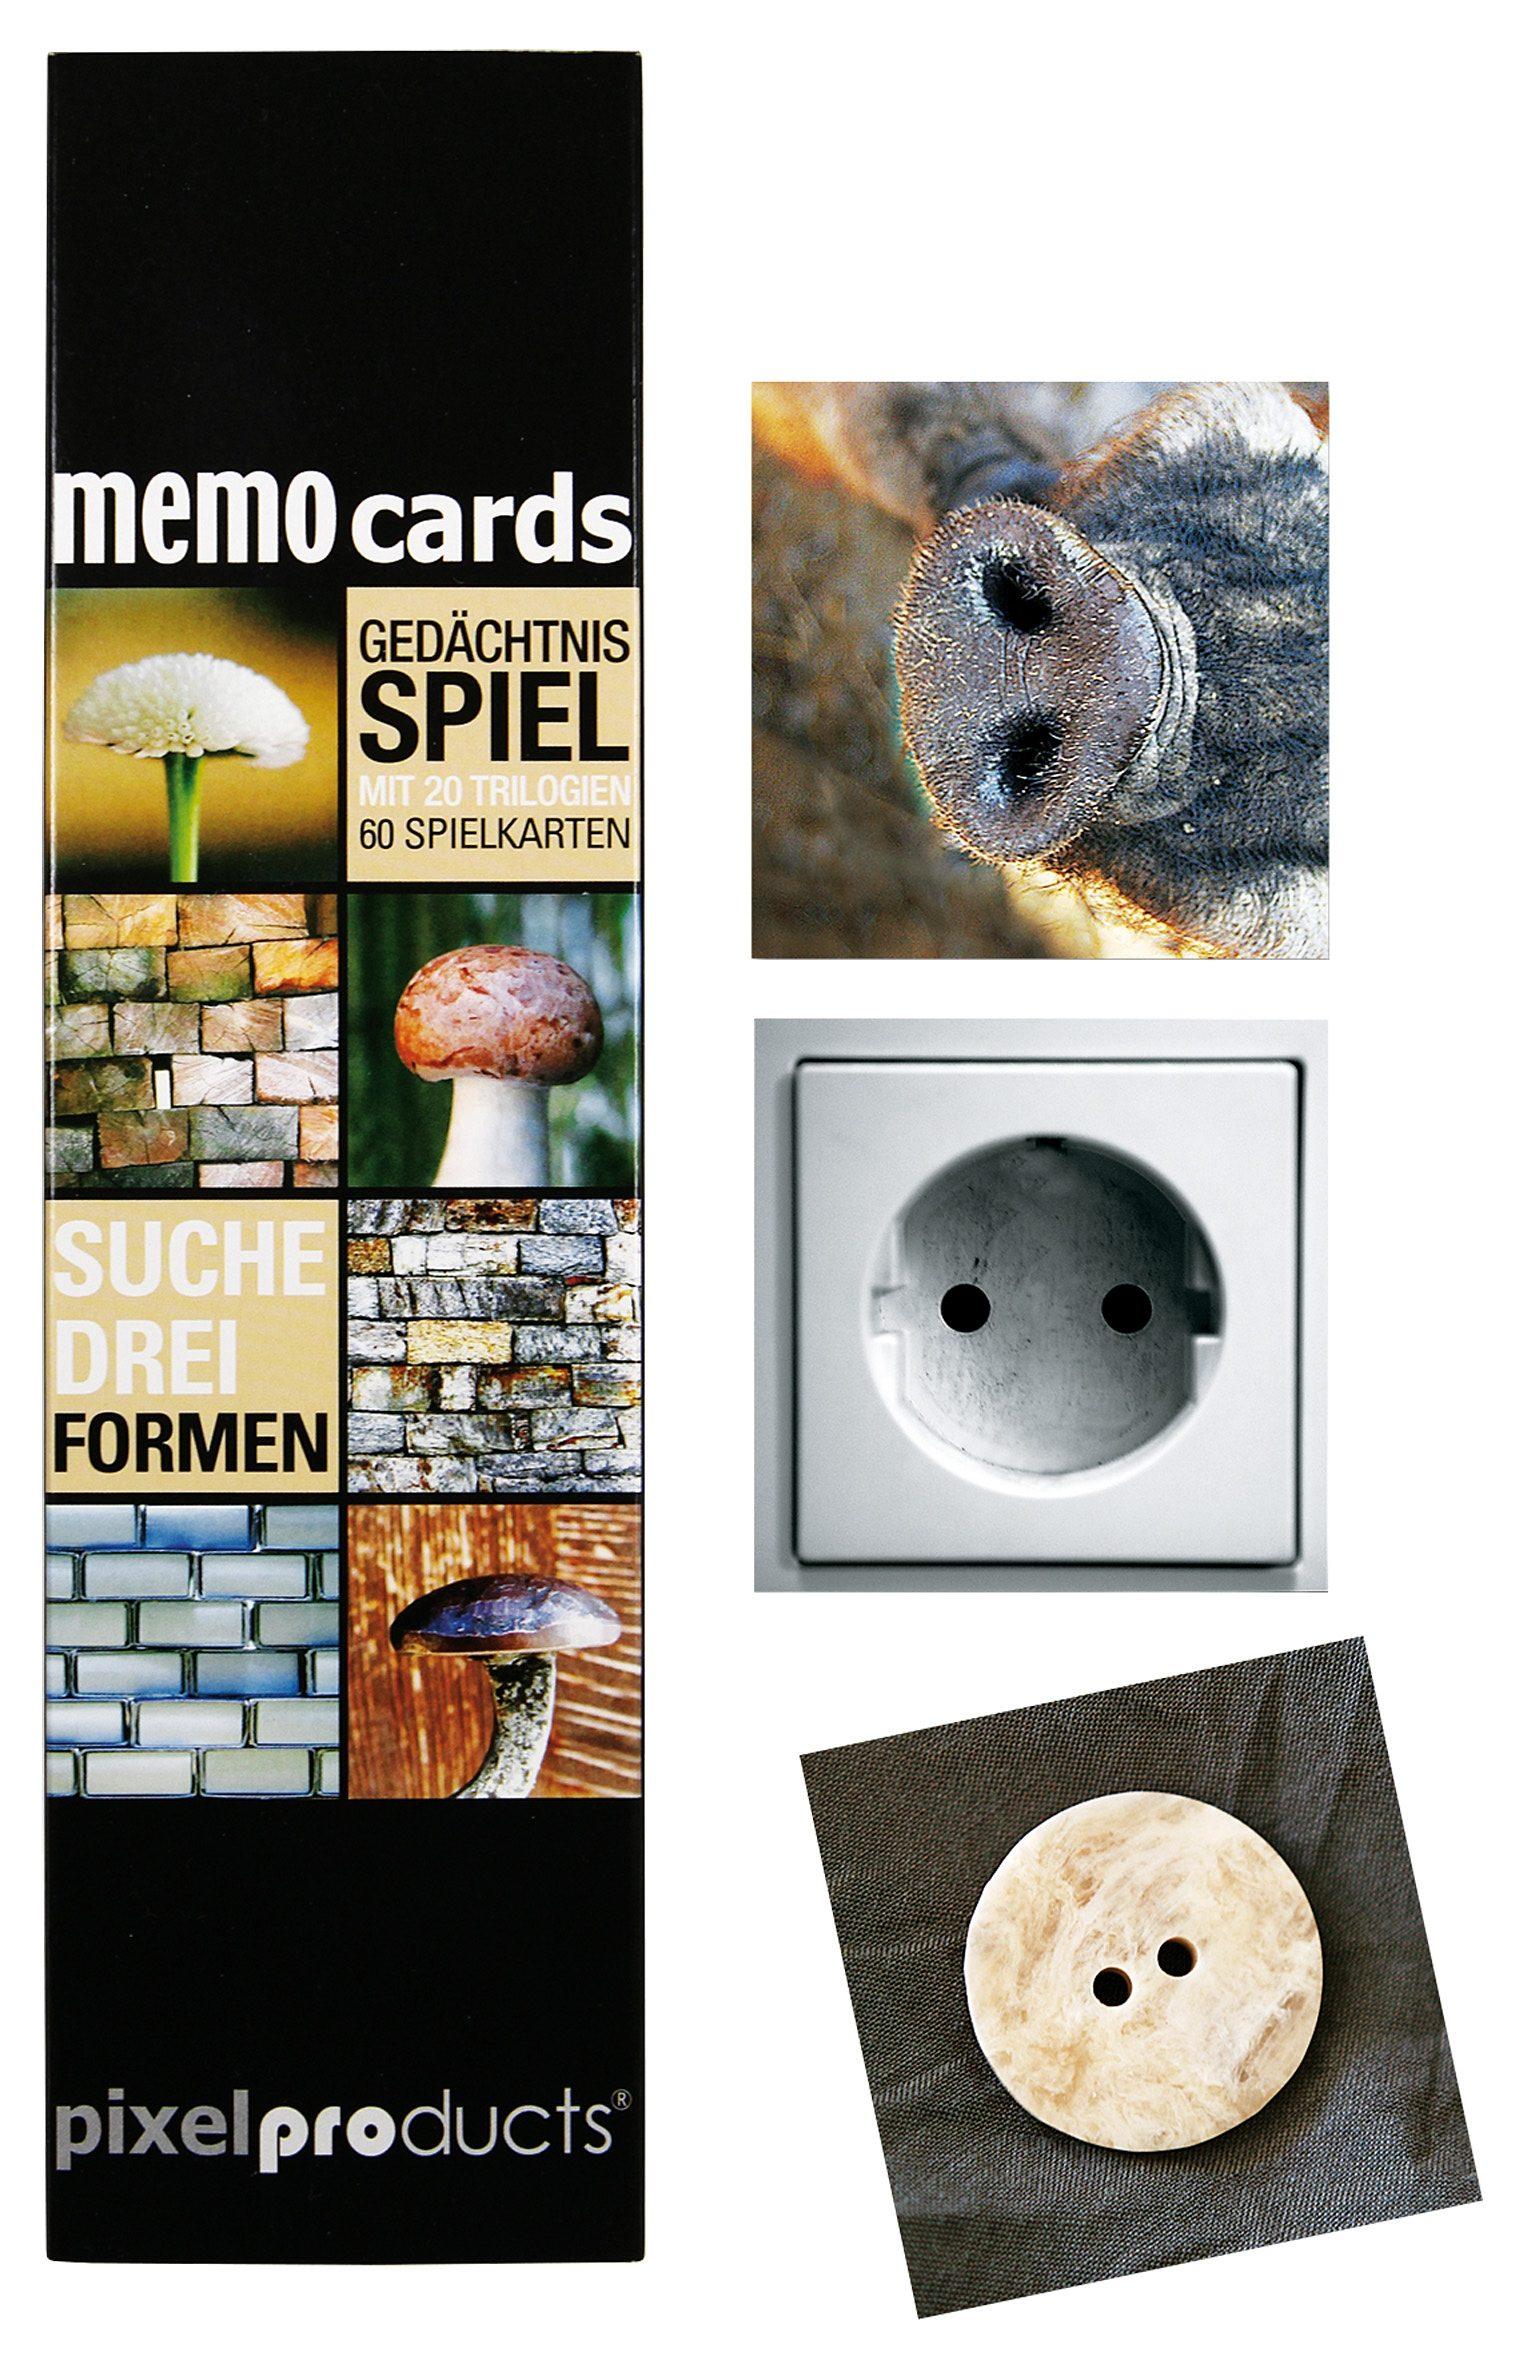 Pixelproducts, Memospiel, » Suche Drei Formen«